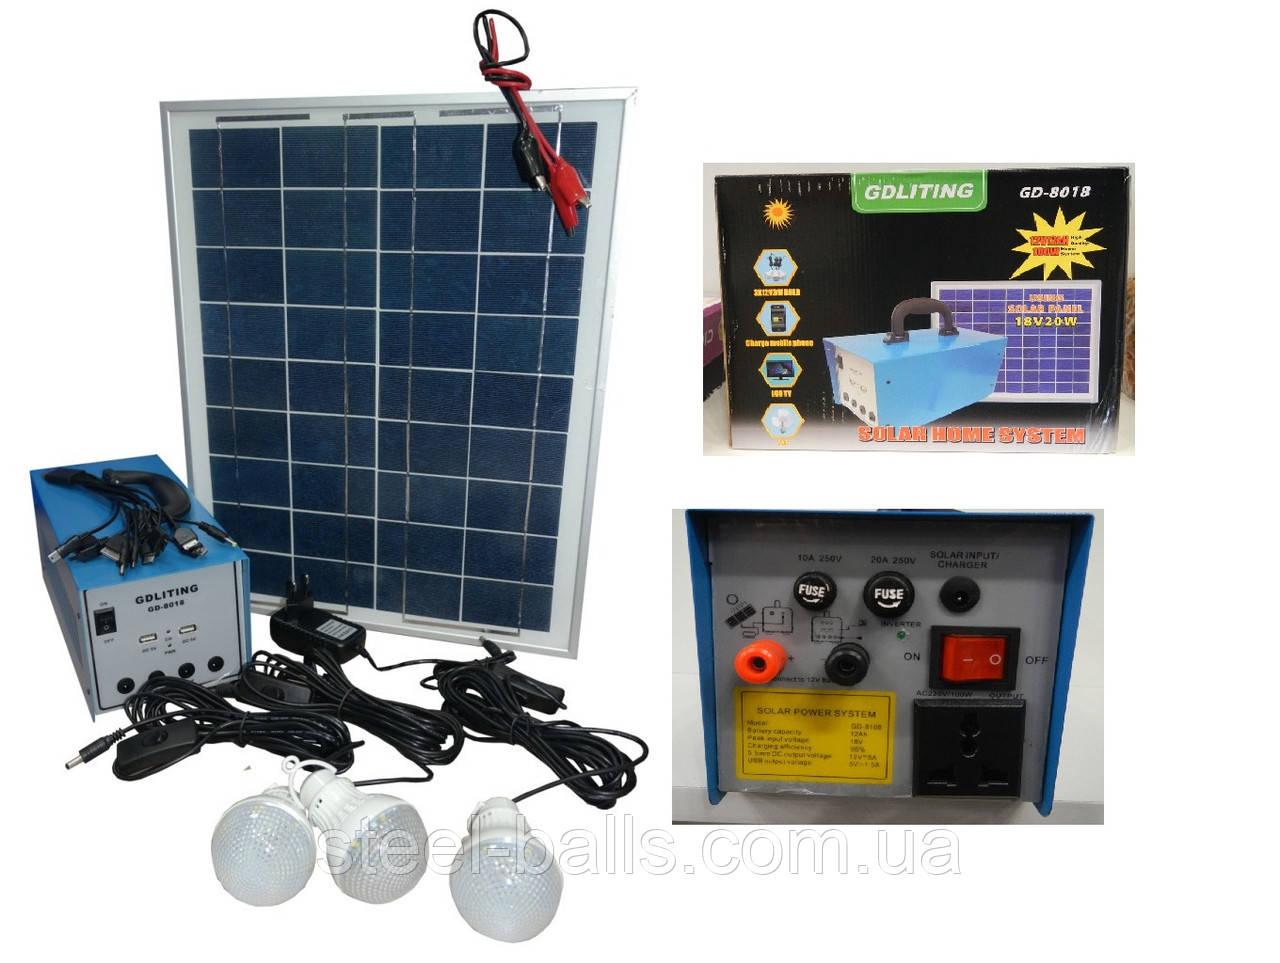 Автономный аккумулятор бесперебойного действия на солнечной батарее